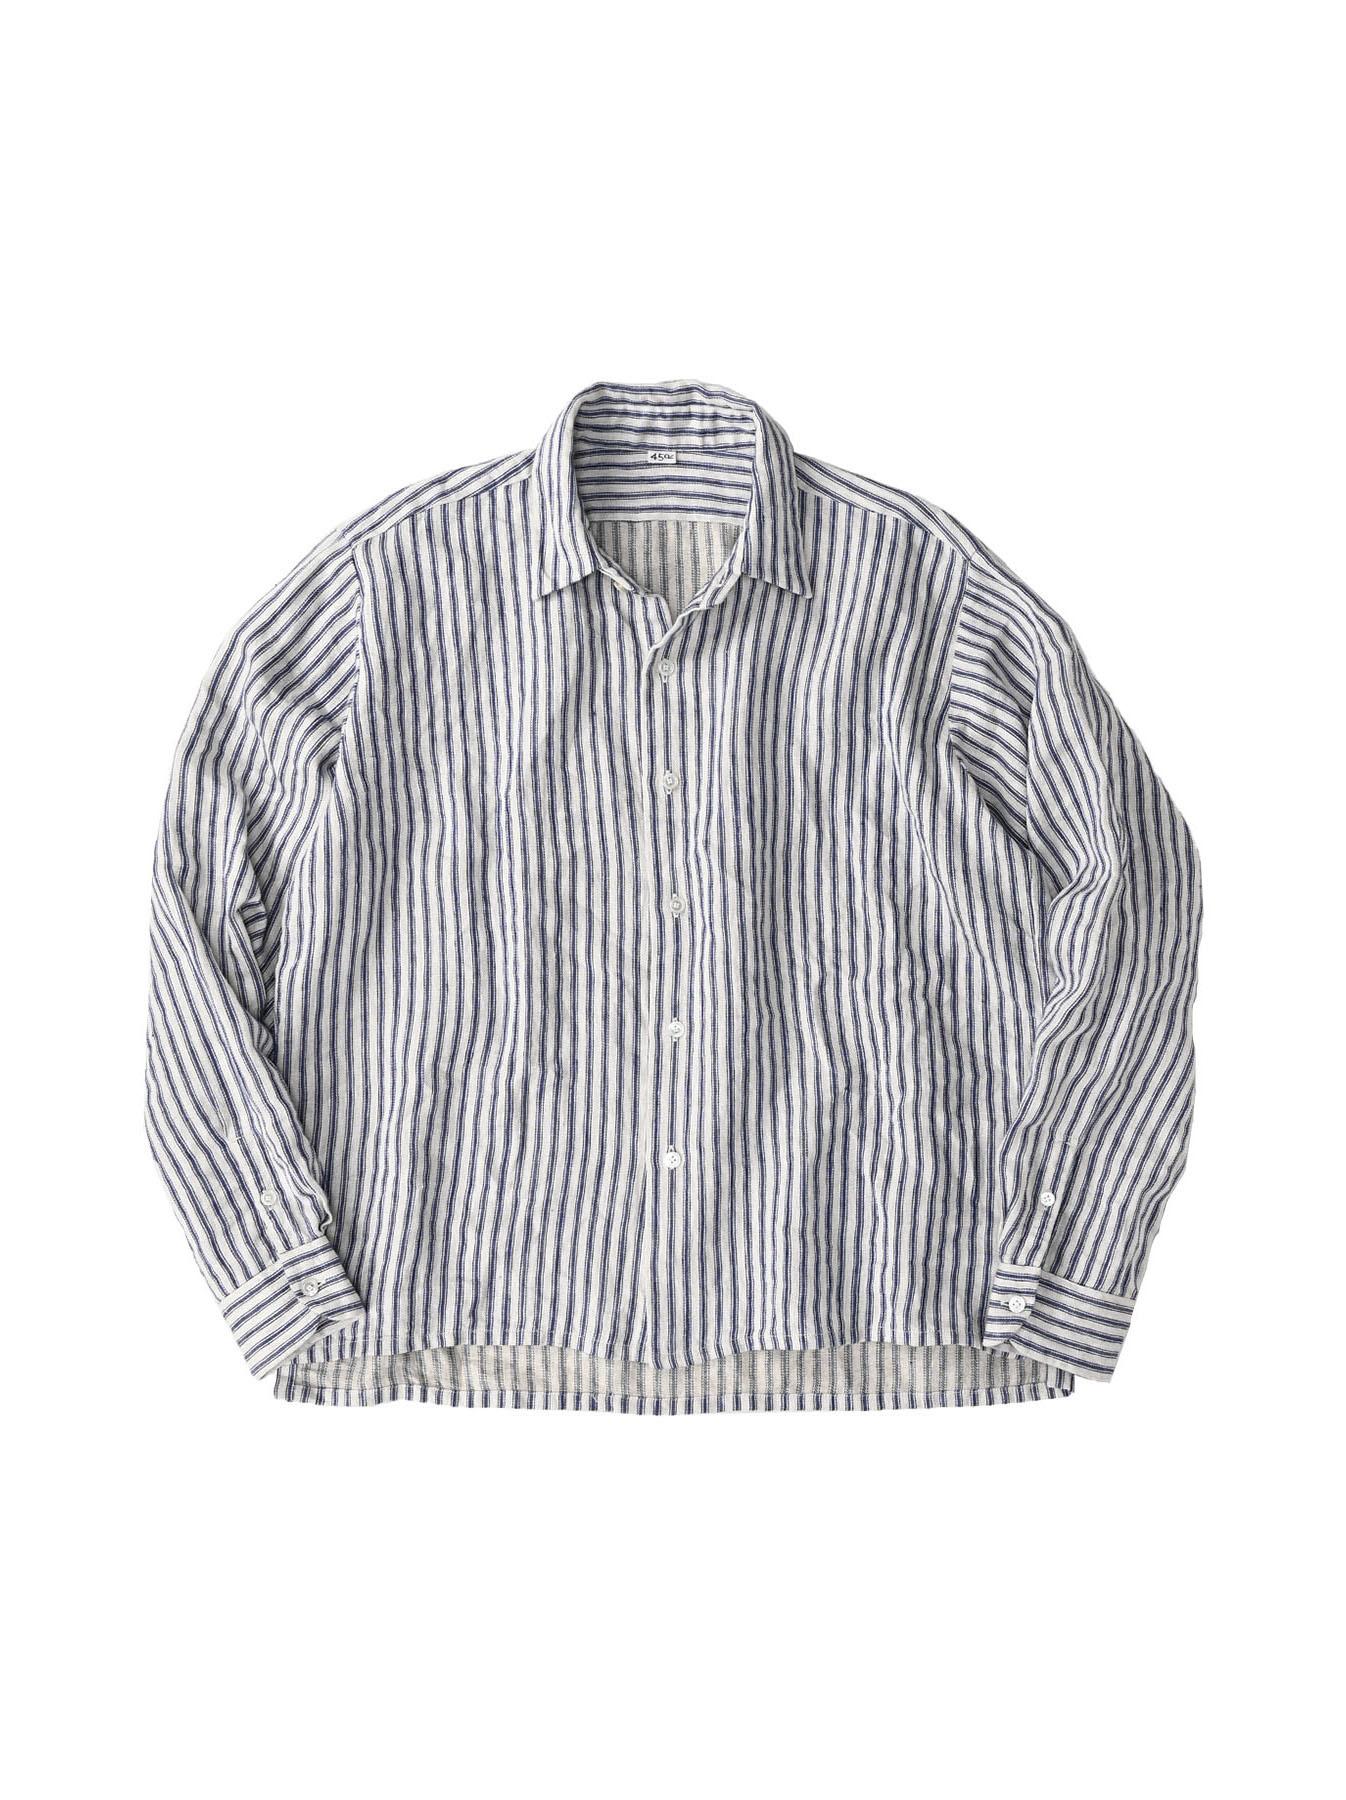 Indian Linen Twill 908 Shirt (0621)-1